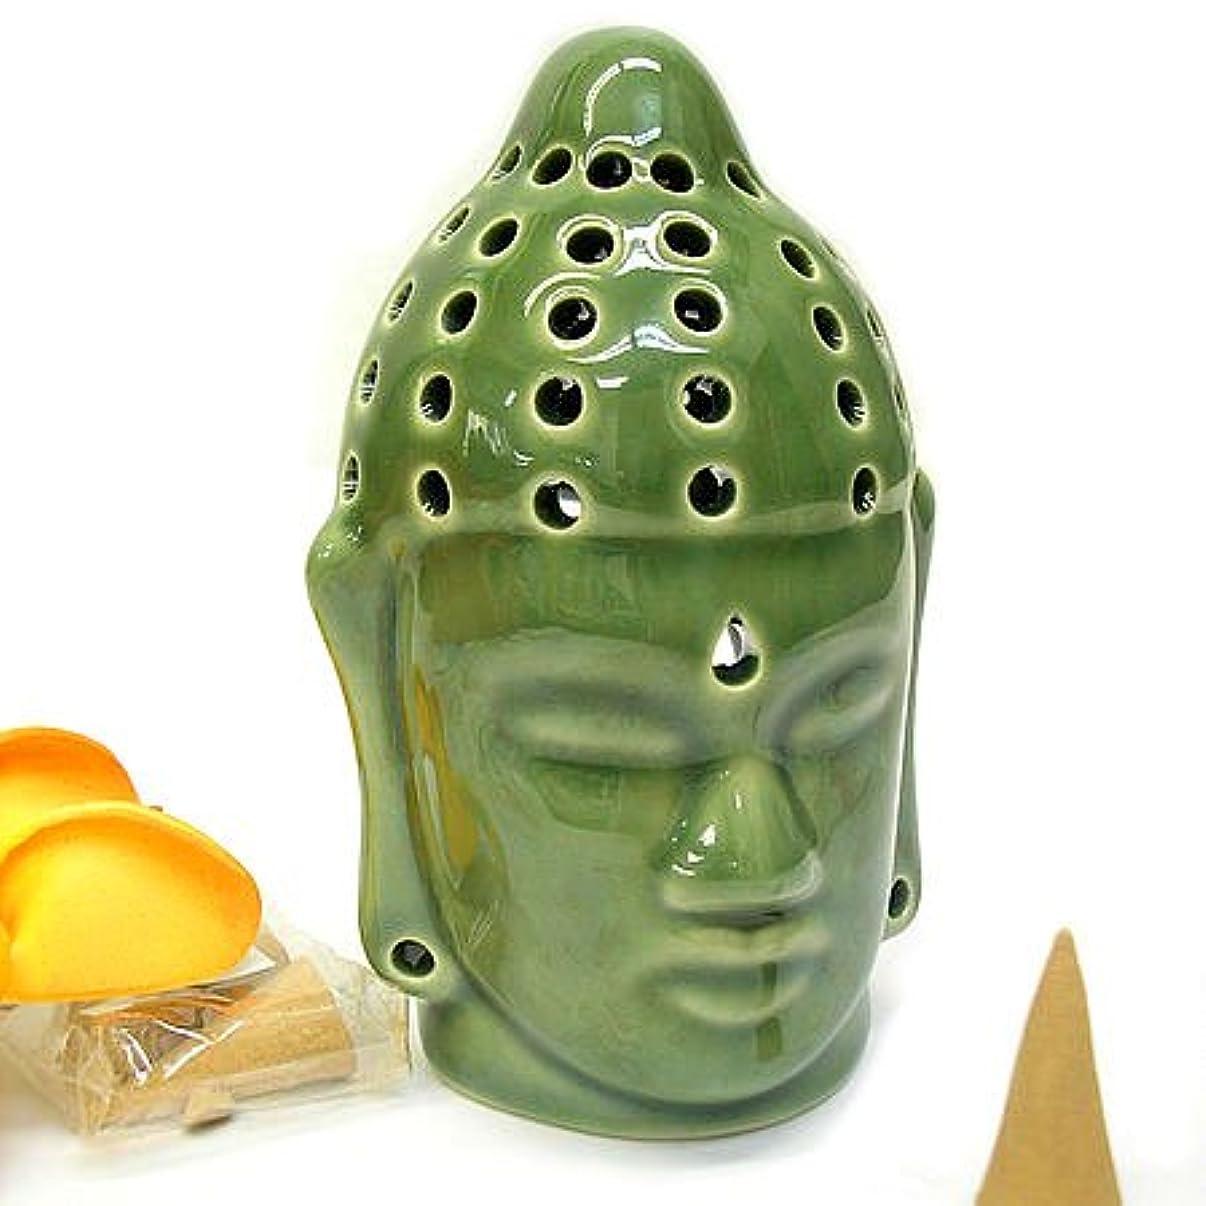 式言及する面白い仏陀の お香たて 香炉 コーン用 緑 インセンスホルダー コーン用 お香立て お香たて アジアン雑貨 バリ雑貨